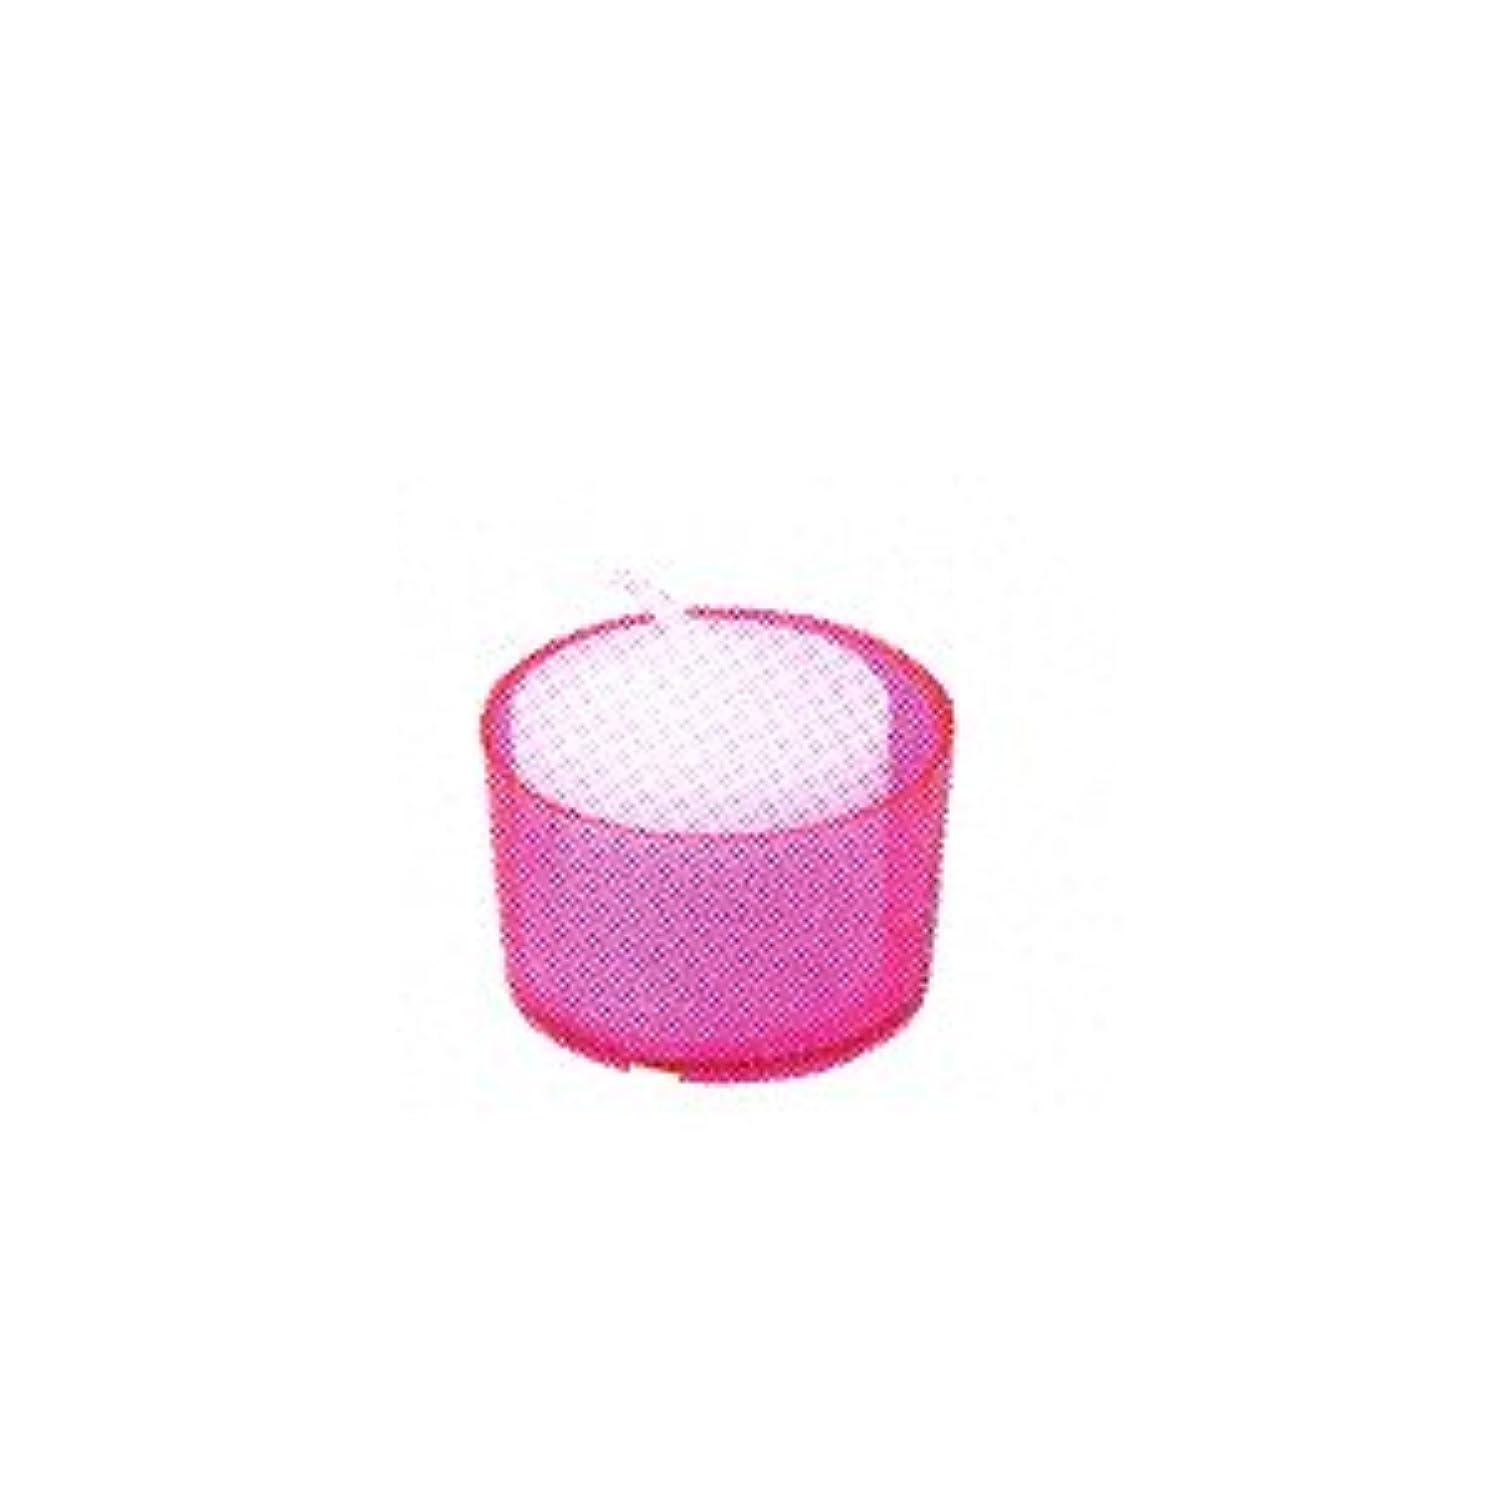 週末いとこ強化するカメヤマキャンドル カラークリアカップ ボーティブ6 ピンク 24個入